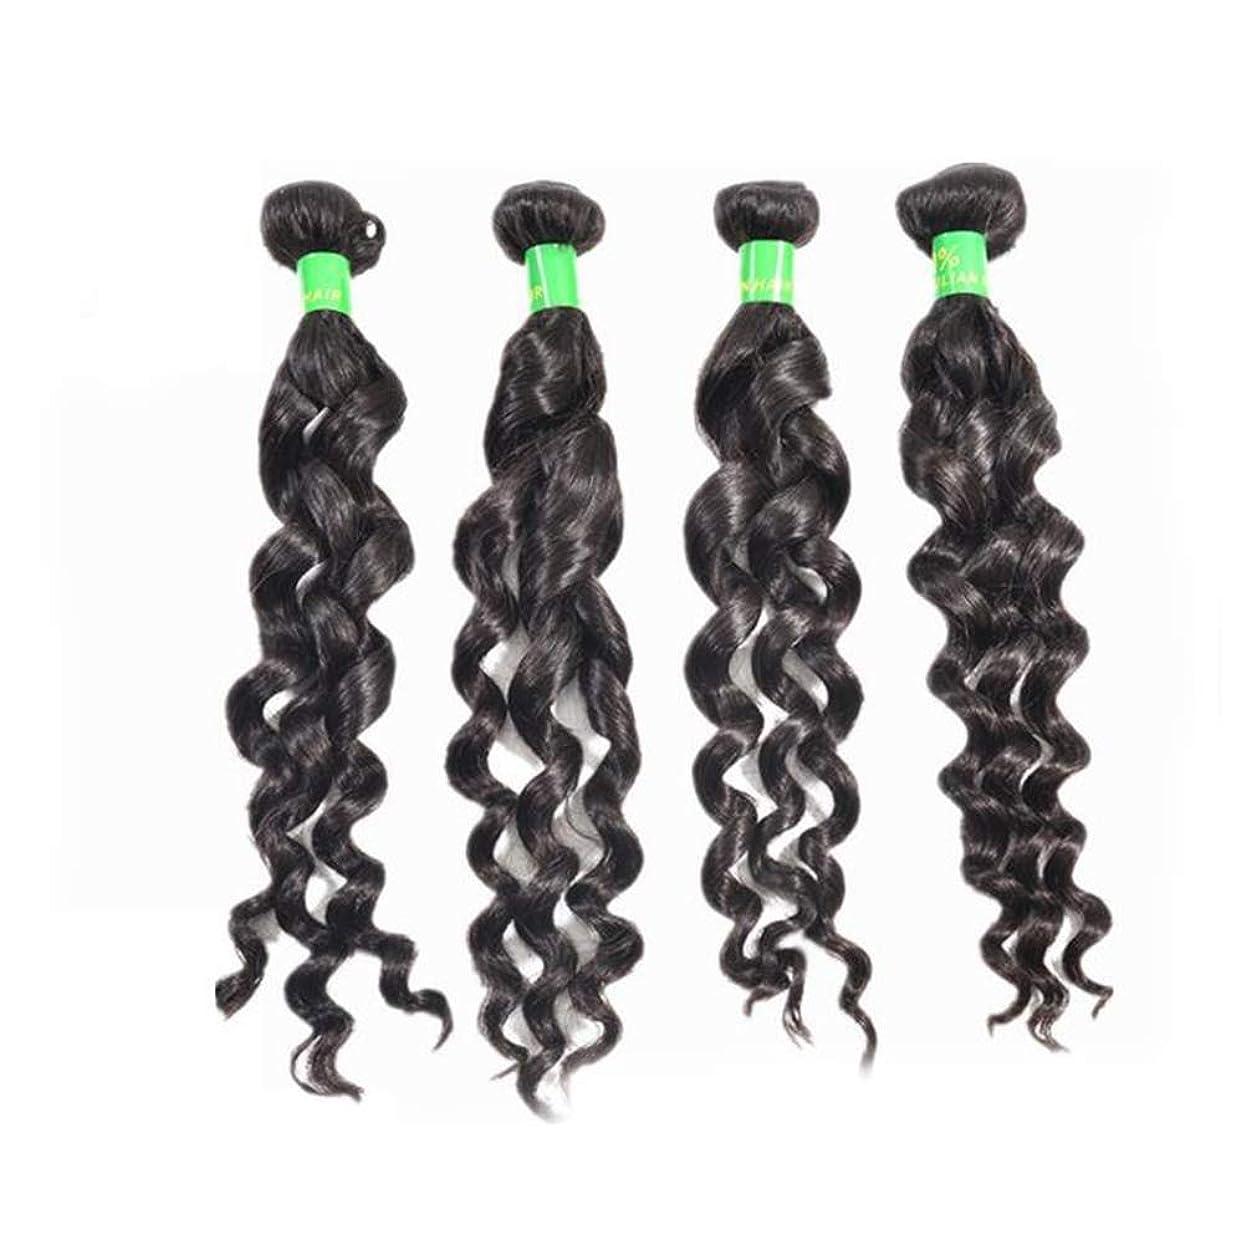 収まる算術光かつらレースフロントロングウェーブ合成耐熱繊維水ウェーブヘアかつら女性のための赤ちゃんの髪